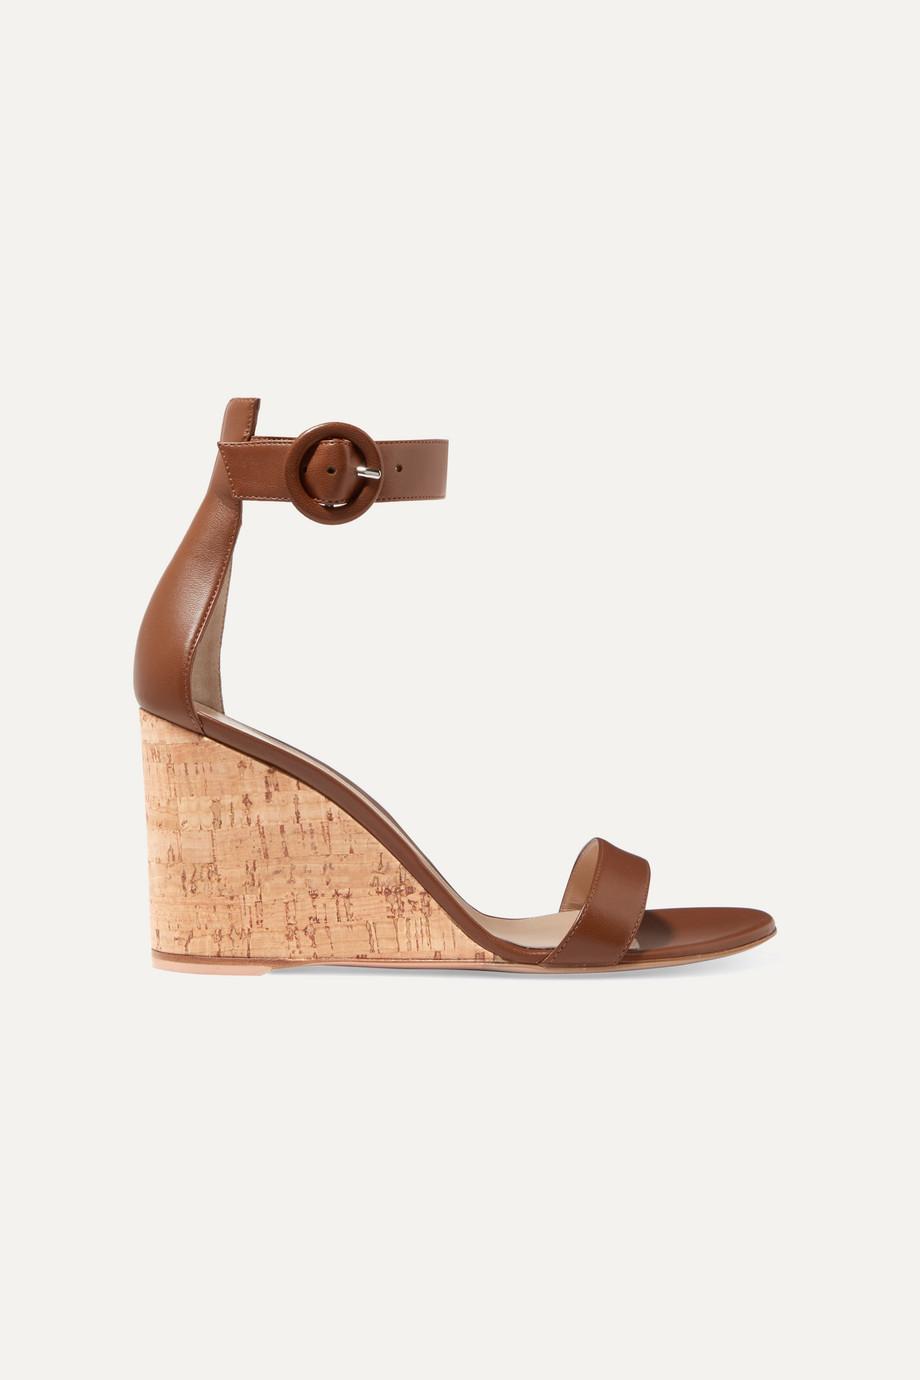 Gianvito Rossi Portofino 85 leather wedge sandals